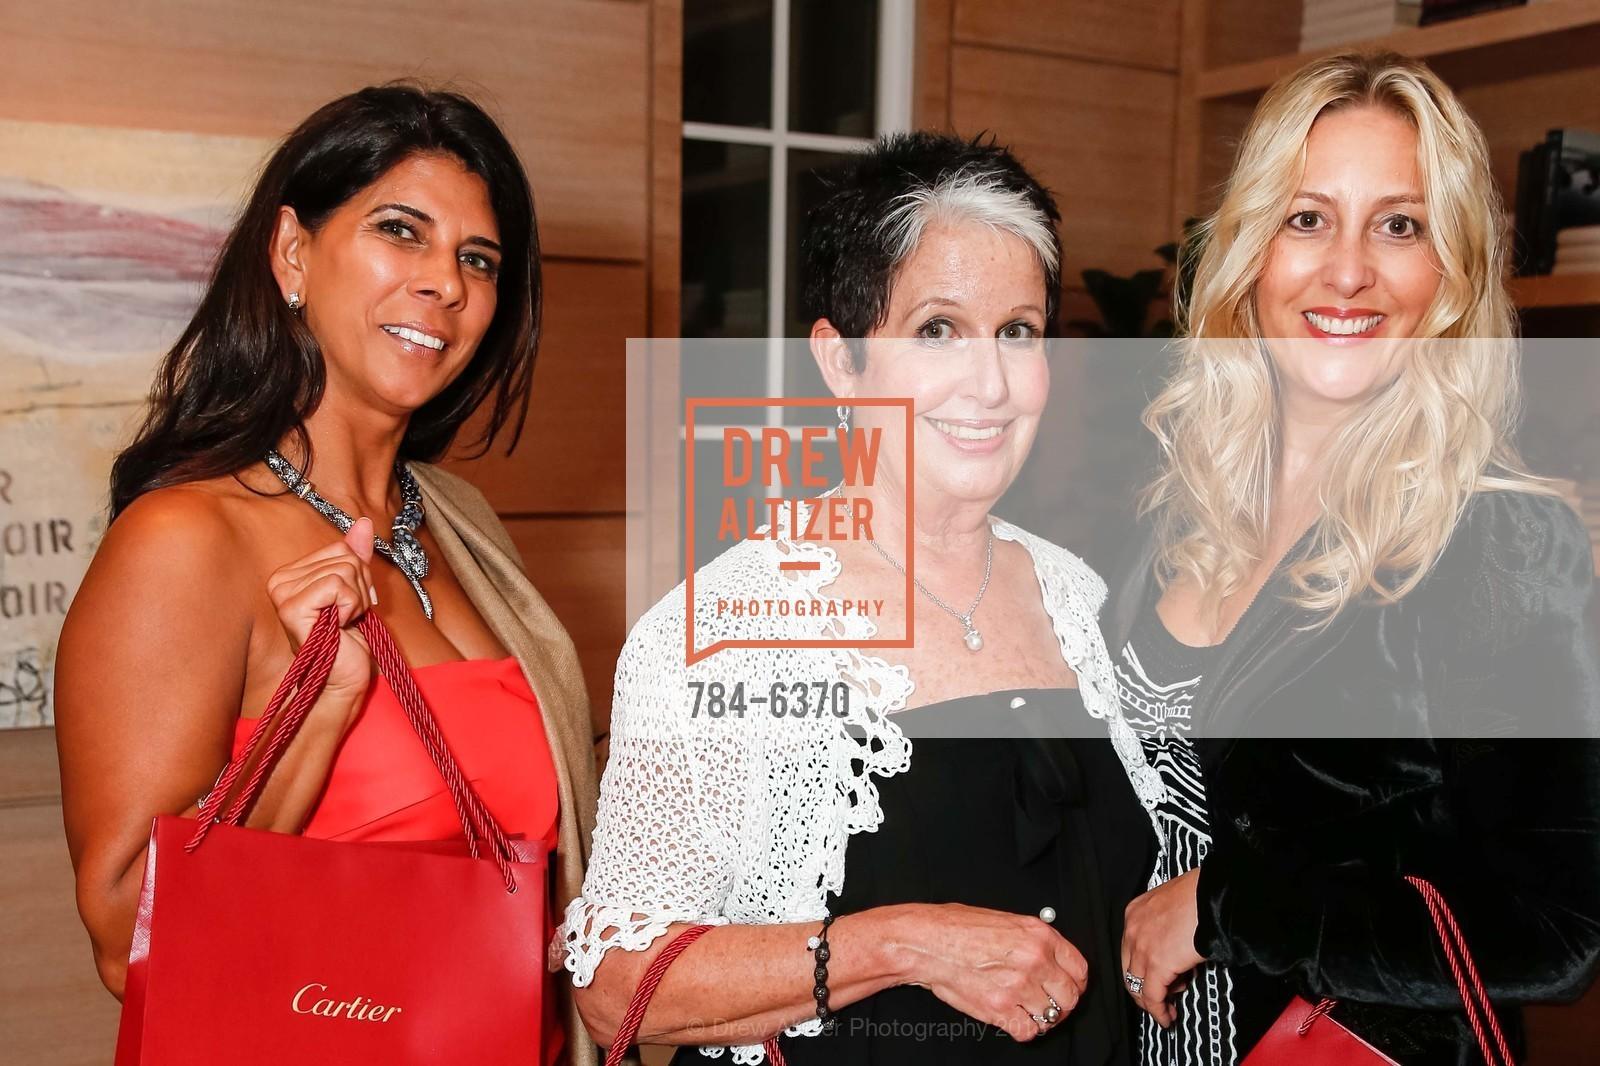 Sujata Pherwani, Karen Kubin, Virginia Ziegler, Photo #784-6370